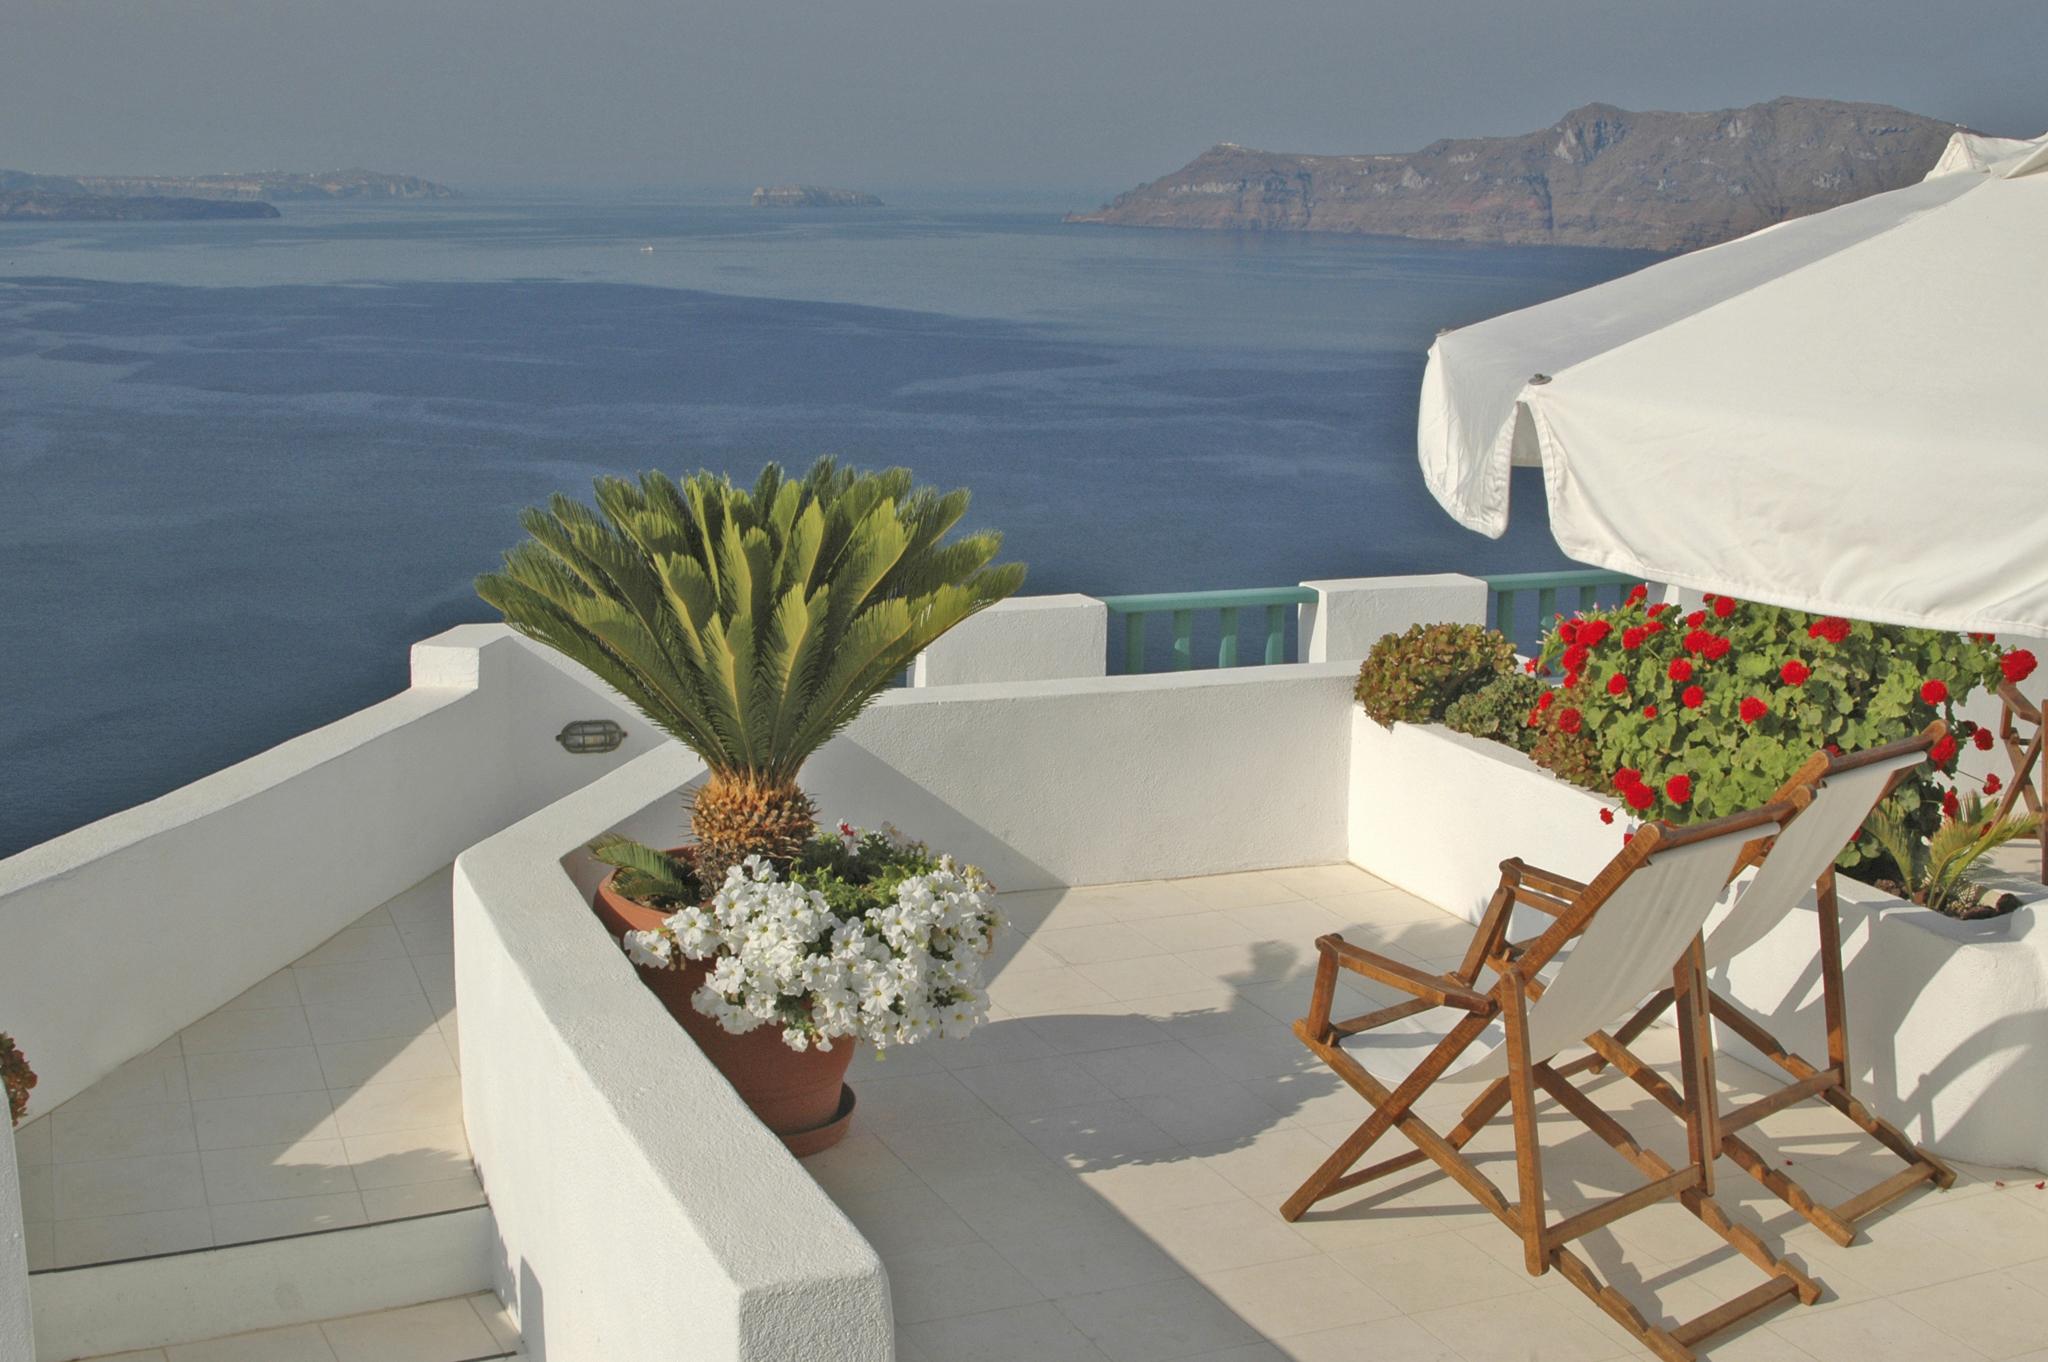 Creer Une Terrasse Tropezienne une terrasse comme toit : la tropézienne - lorraine magazine